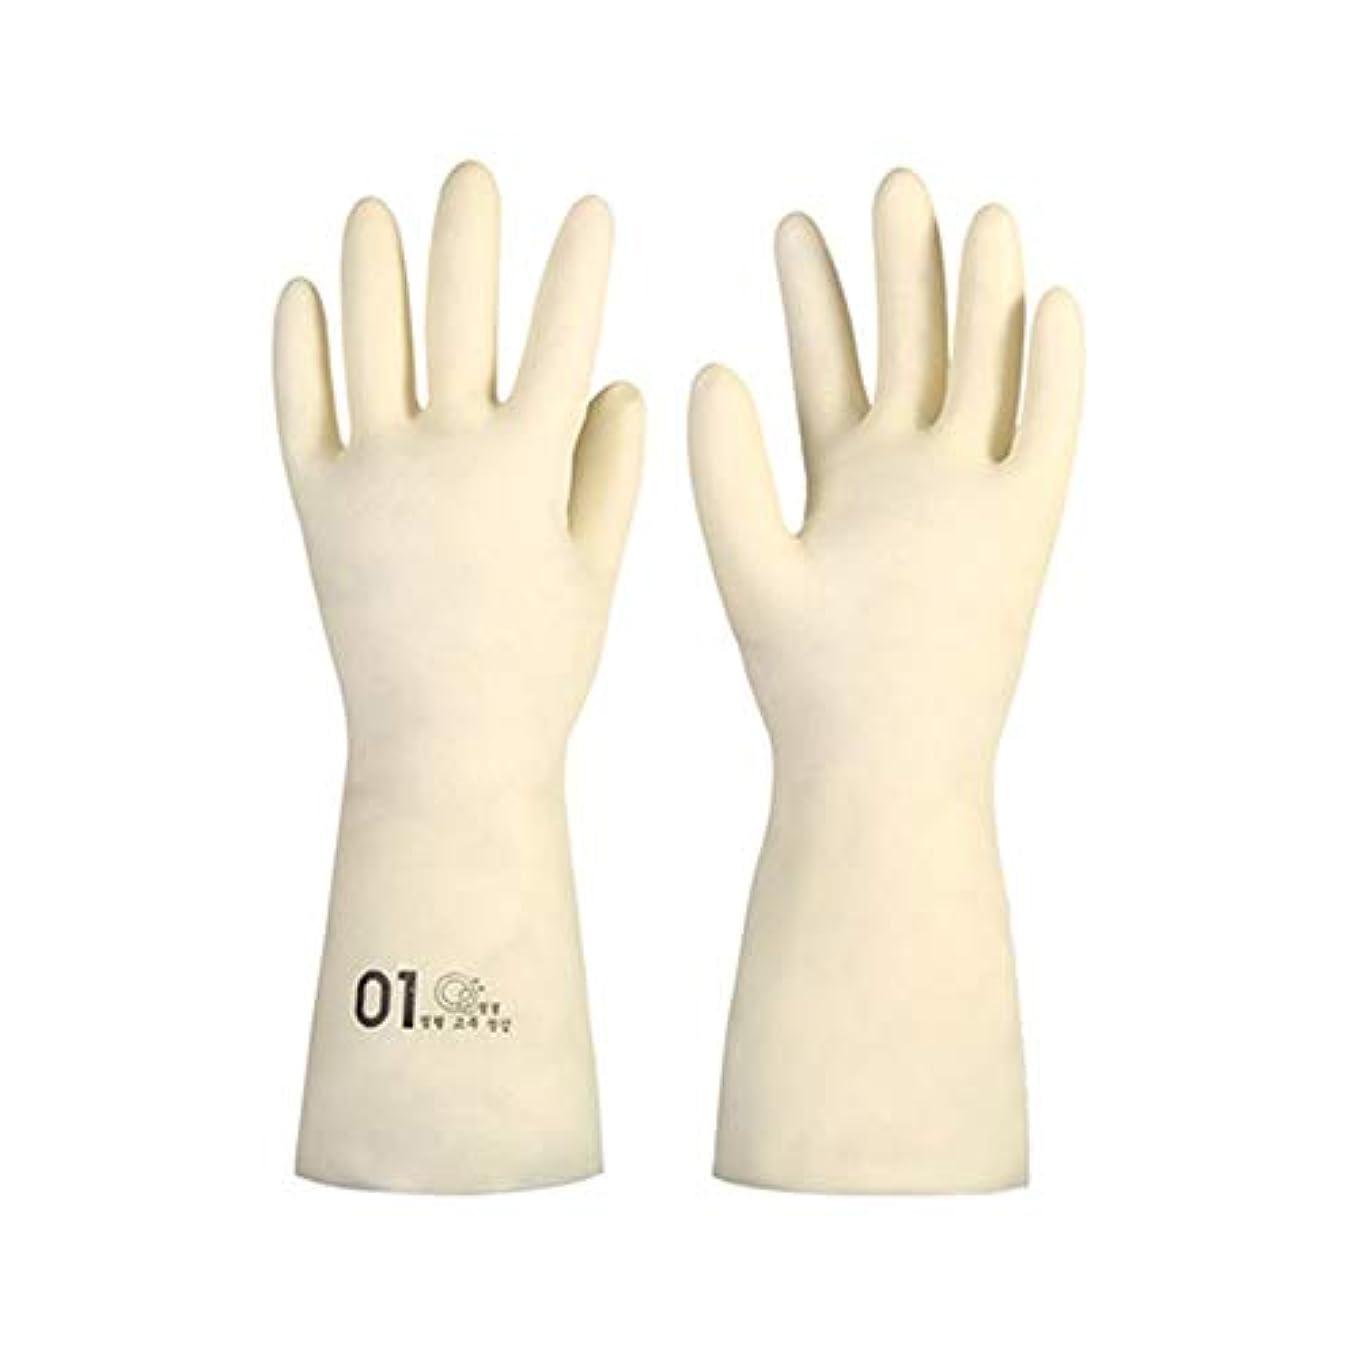 告白可塑性パニックBTXXYJP キッチン用手袋 手袋 掃除用 ロング 耐摩耗 食器洗い 手袋 水槽掃除用手袋 (Color : M/1号, Size : M)